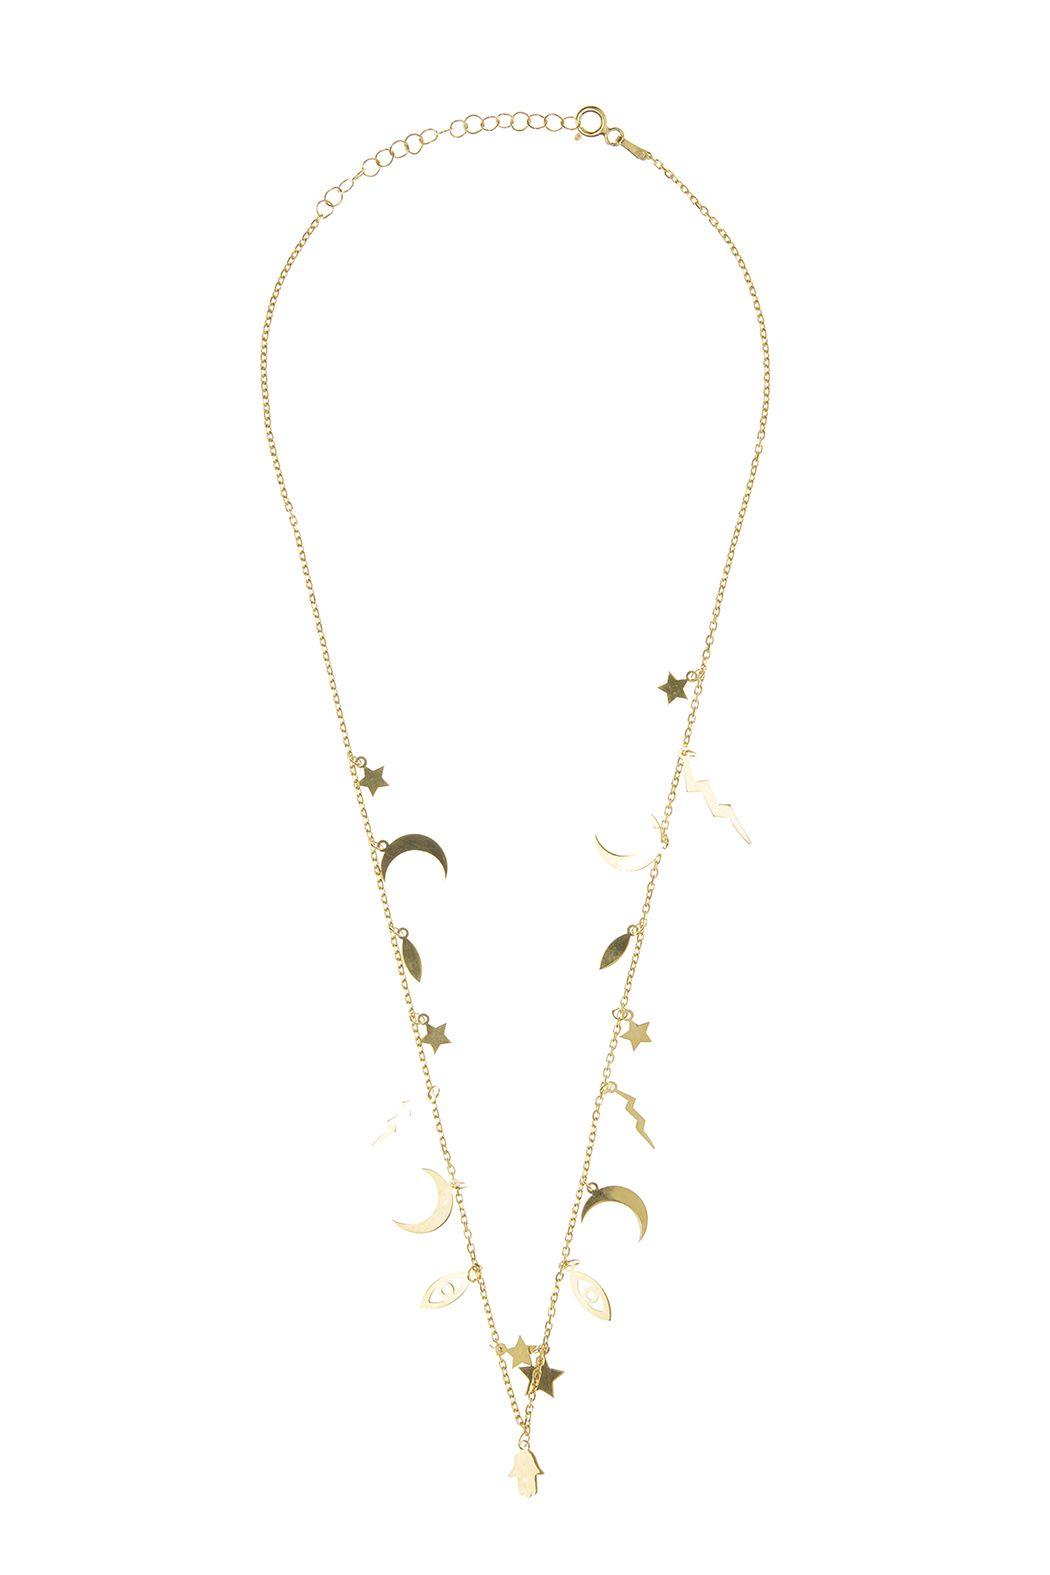 50f4a1ba9bb38 Lets Accessorize Gold Charm Necklace | Shoptiques Boutique Products ...